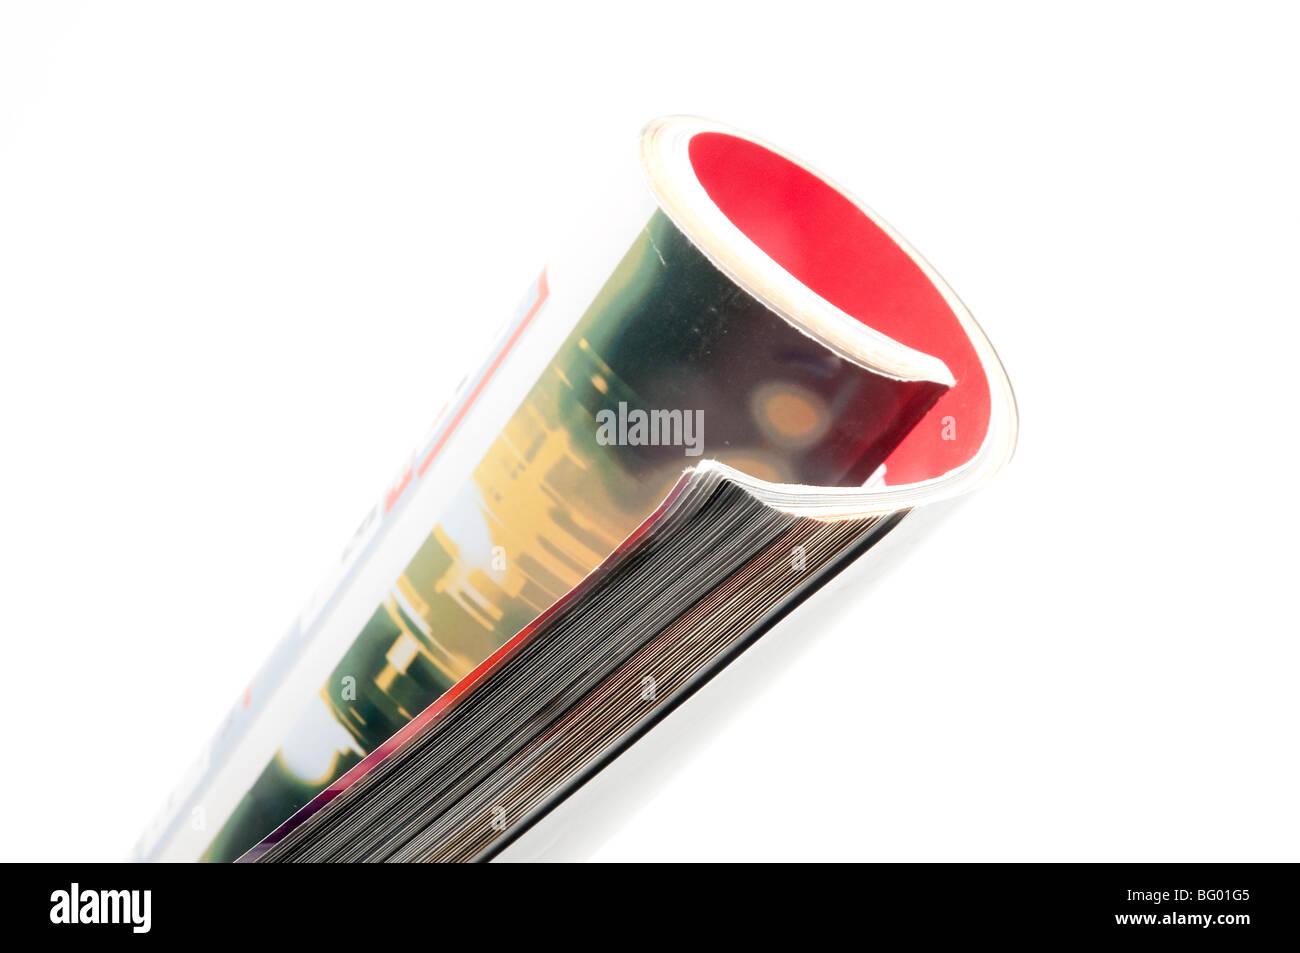 magazine rolled up - Stock Image